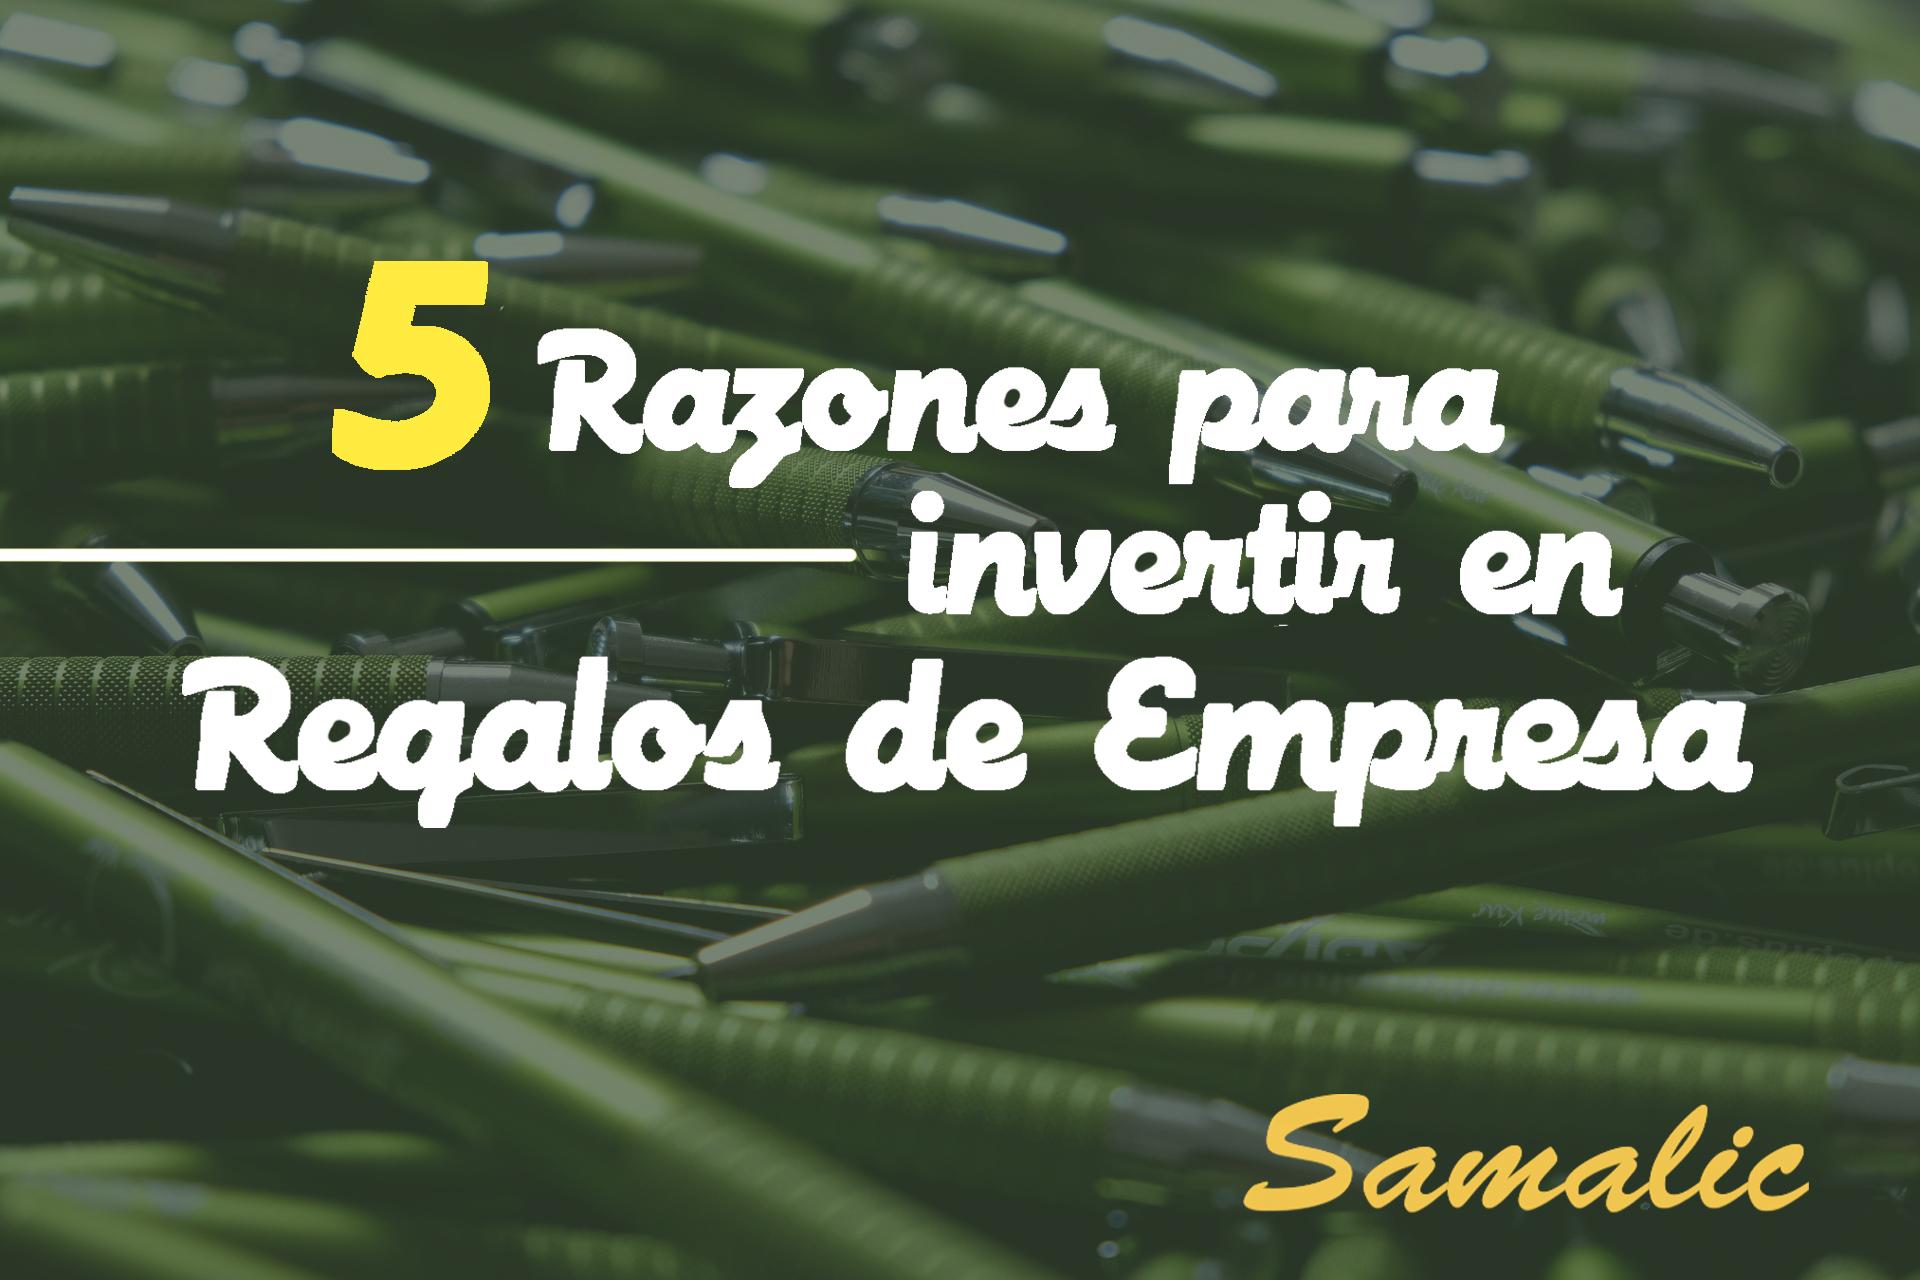 5-razones-para-invertir-en-regalos-de-empresa